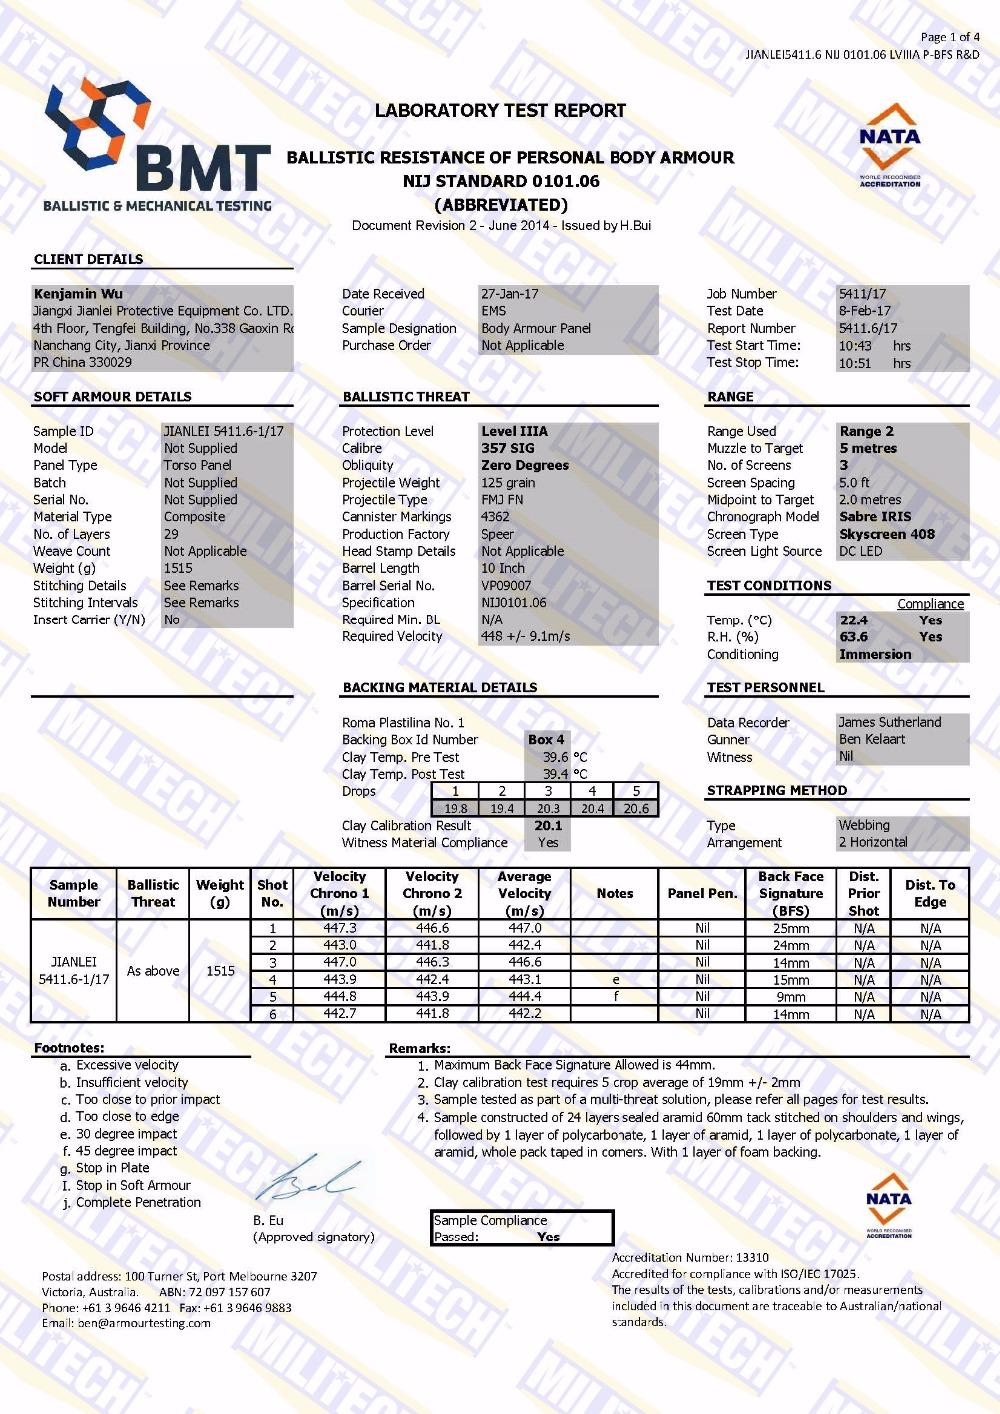 JIANLEI5411.6 NIJ 0101.06 LVIIIA P-BFS R&D_Page_1